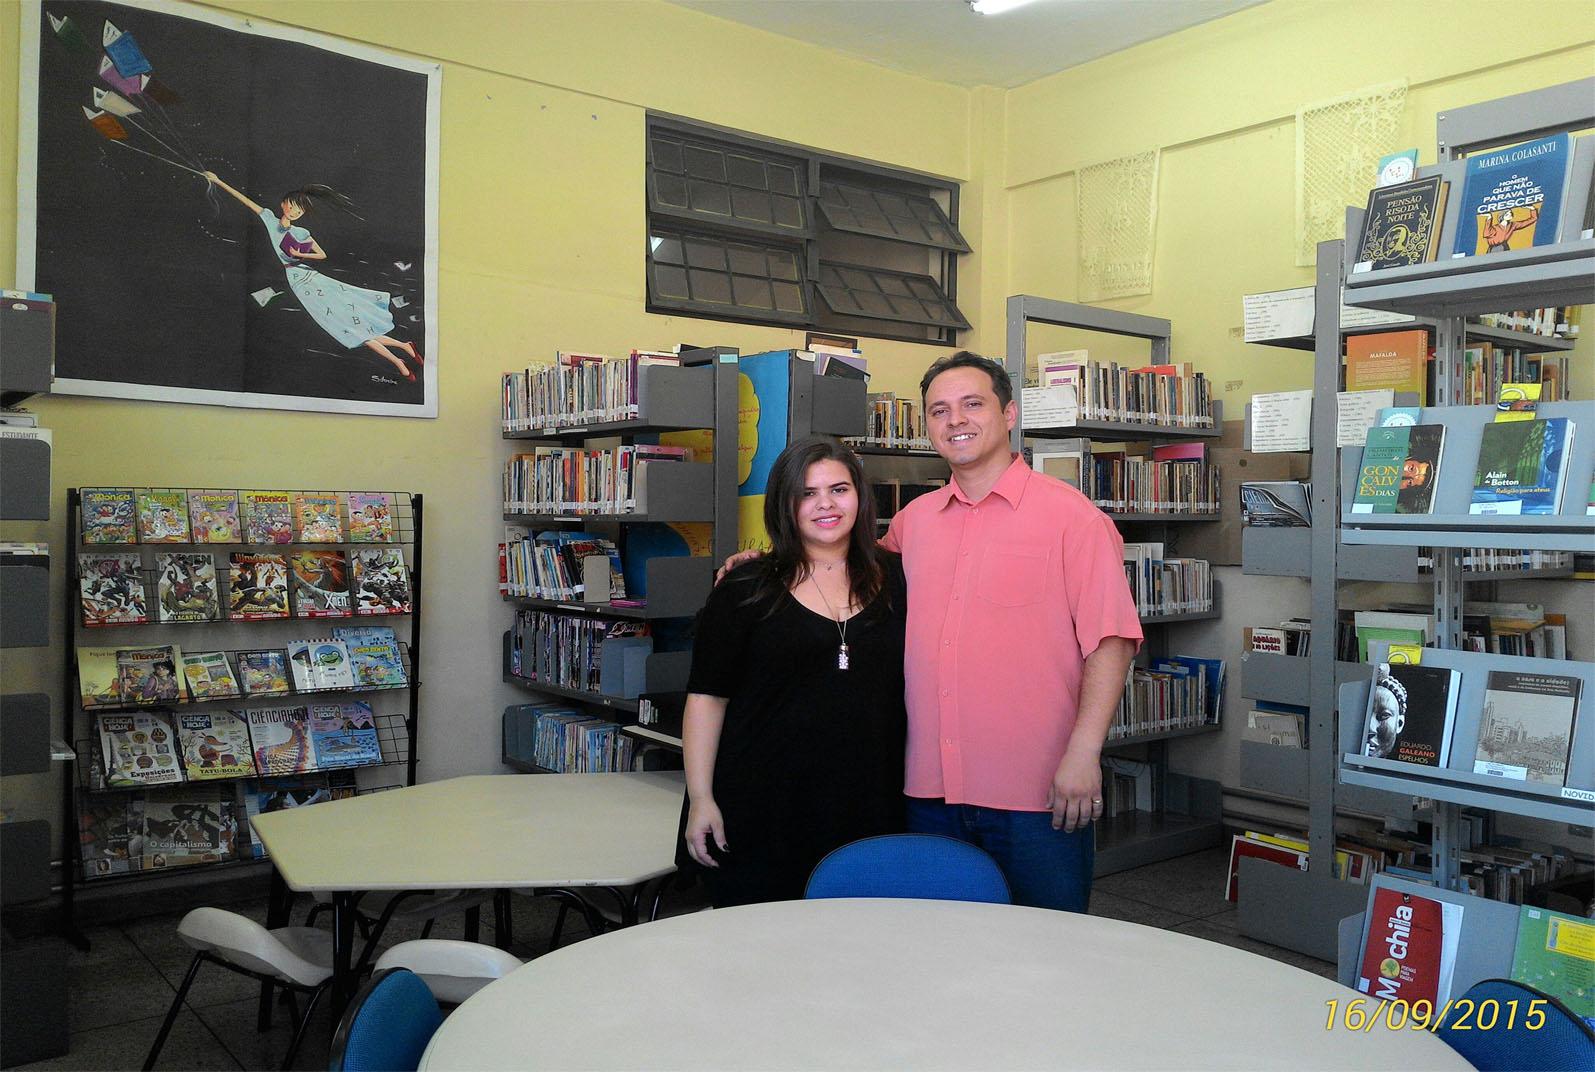 Equipe da biblioteca realiza atividades de incentivo à leitura (Foto: Divulgação)